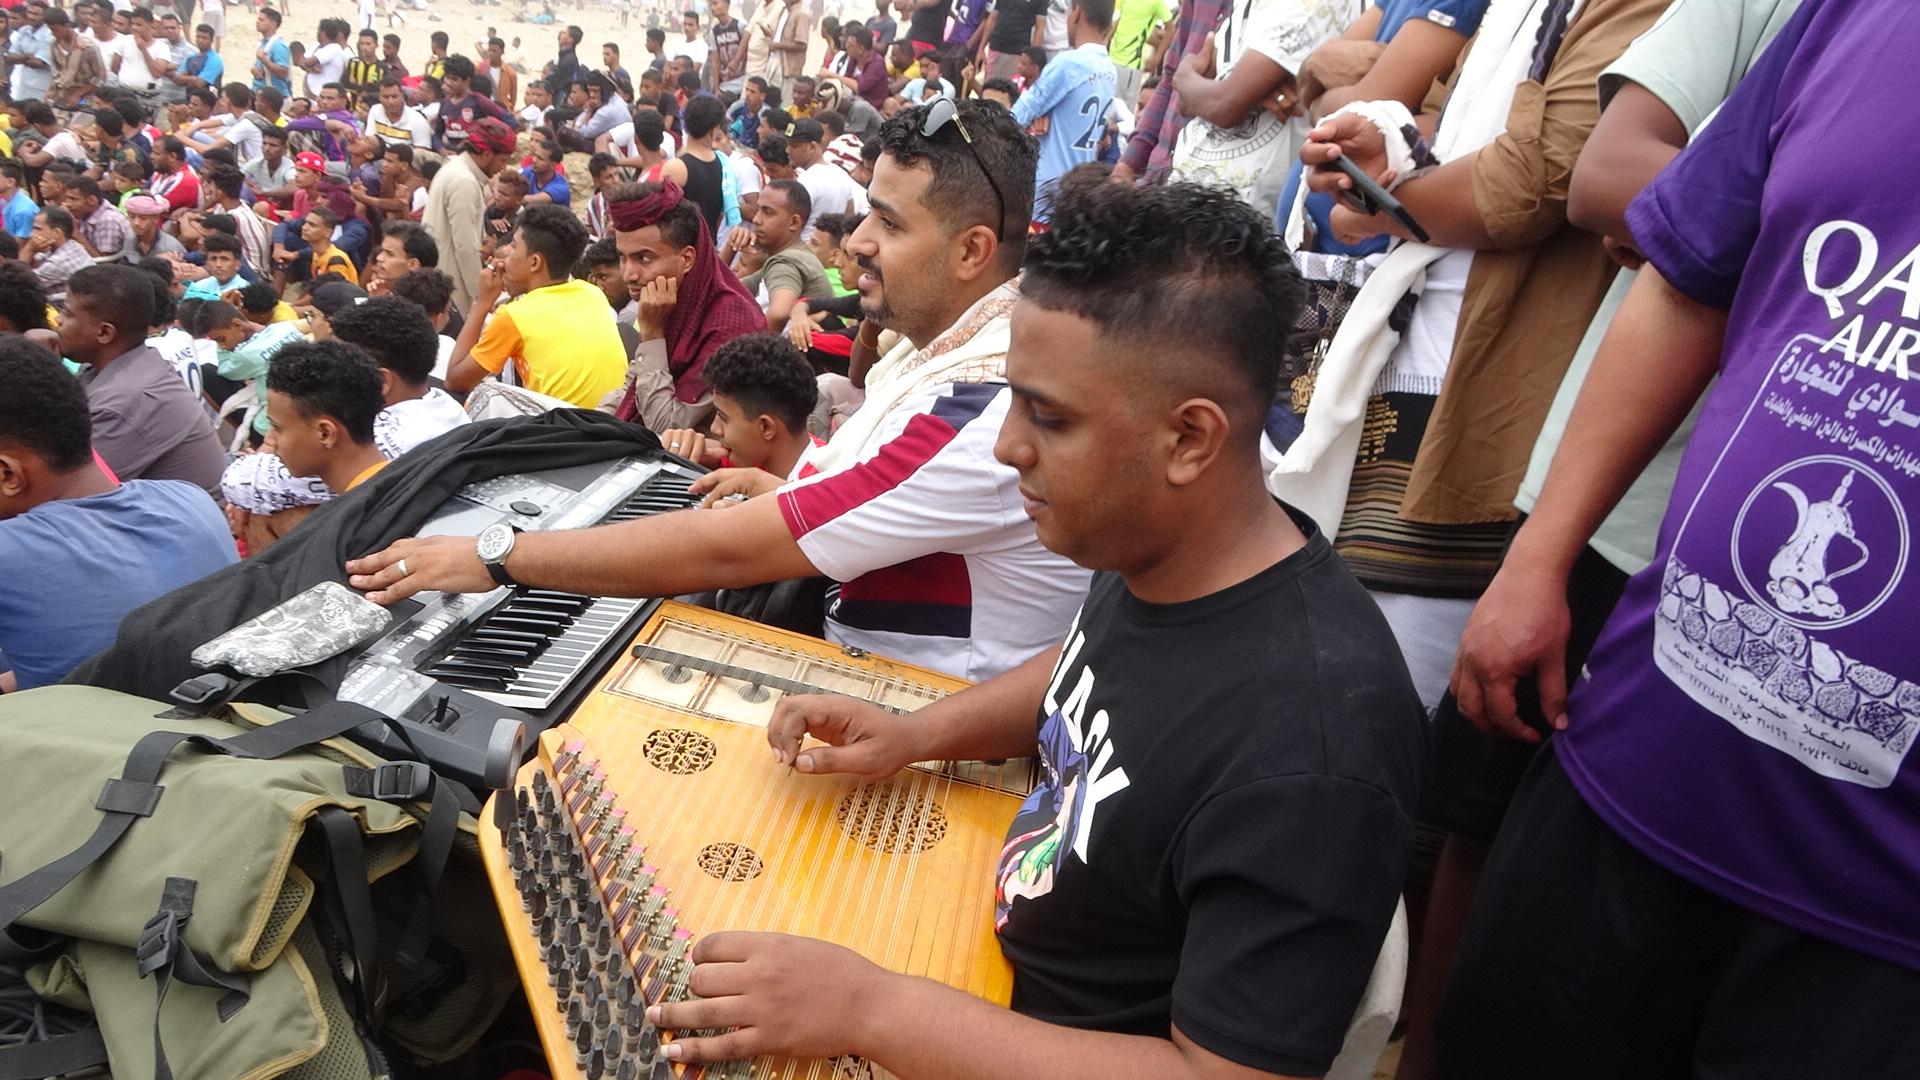 الطرب الاصيل يشارك في مهرجان البلدة.JPG